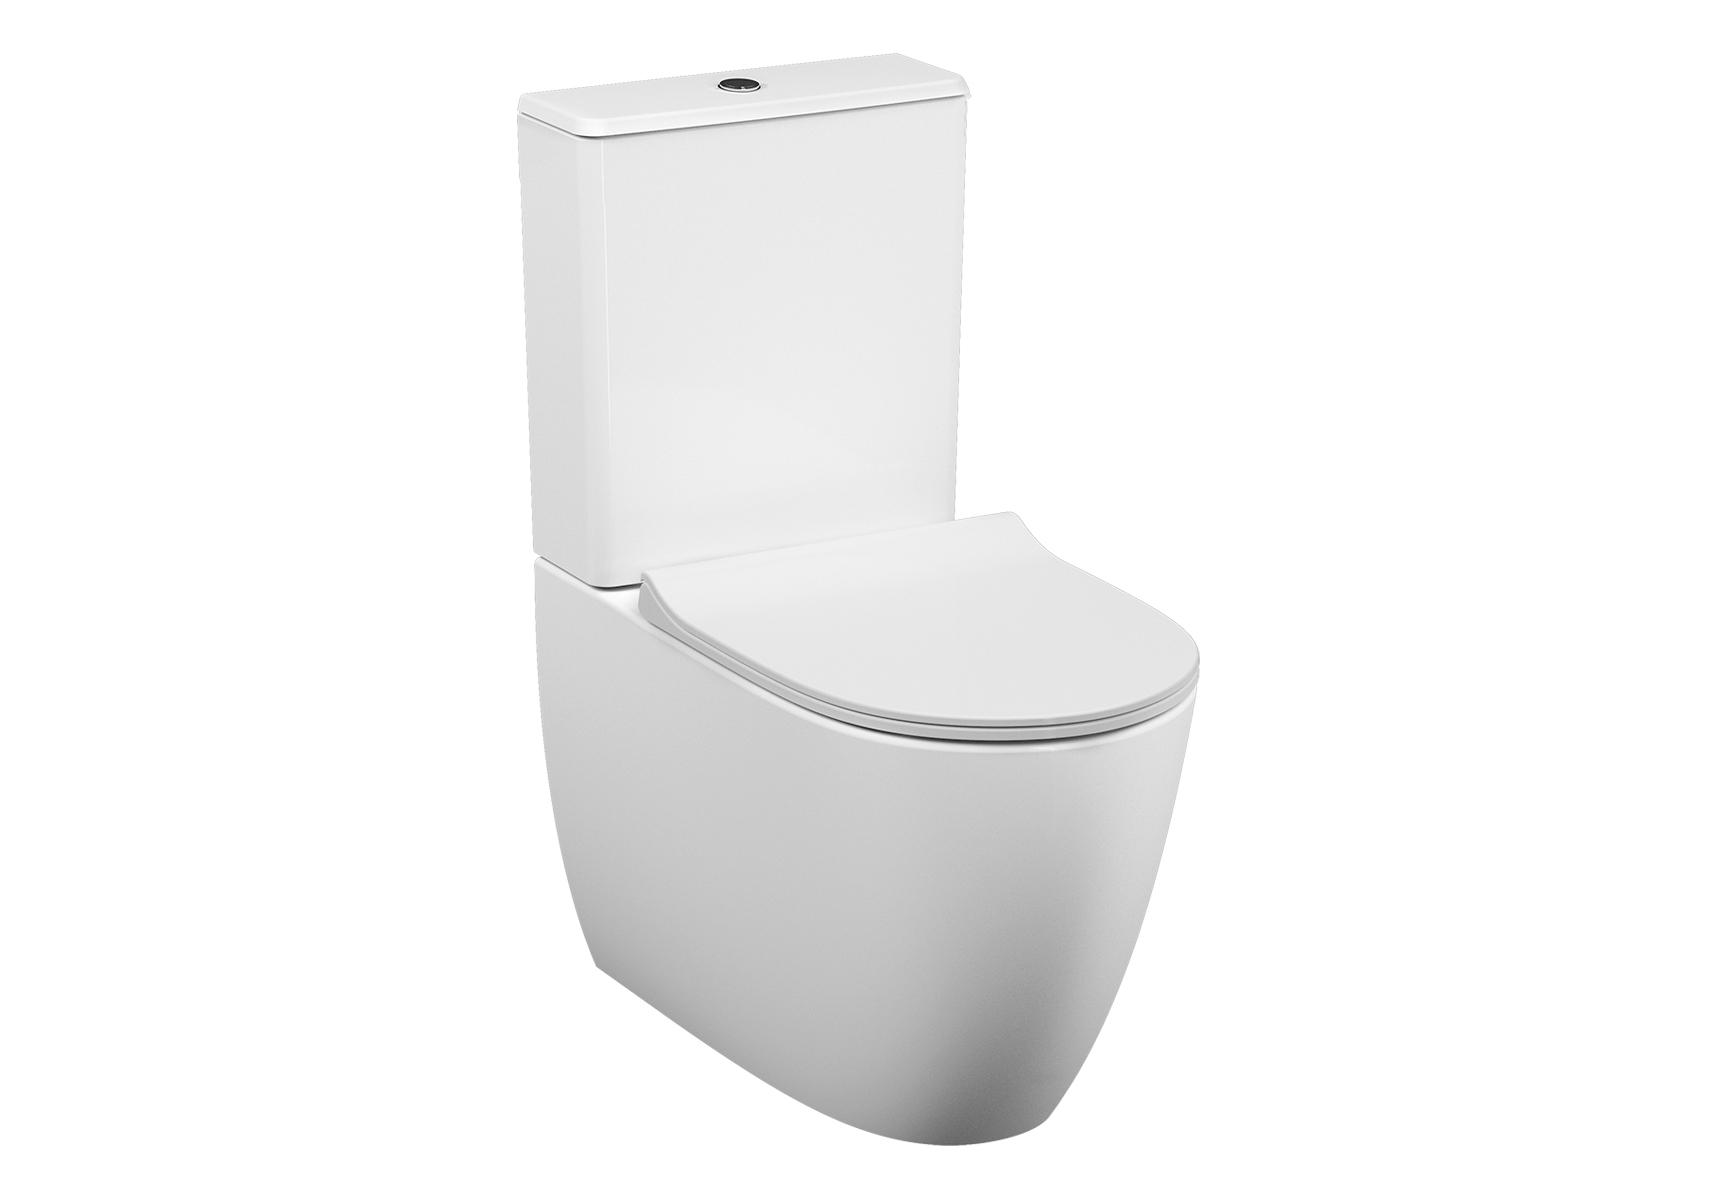 Sento WC à poser sans bride, 65 cm, BTW, sortie universel, raccord d'eau sur côté